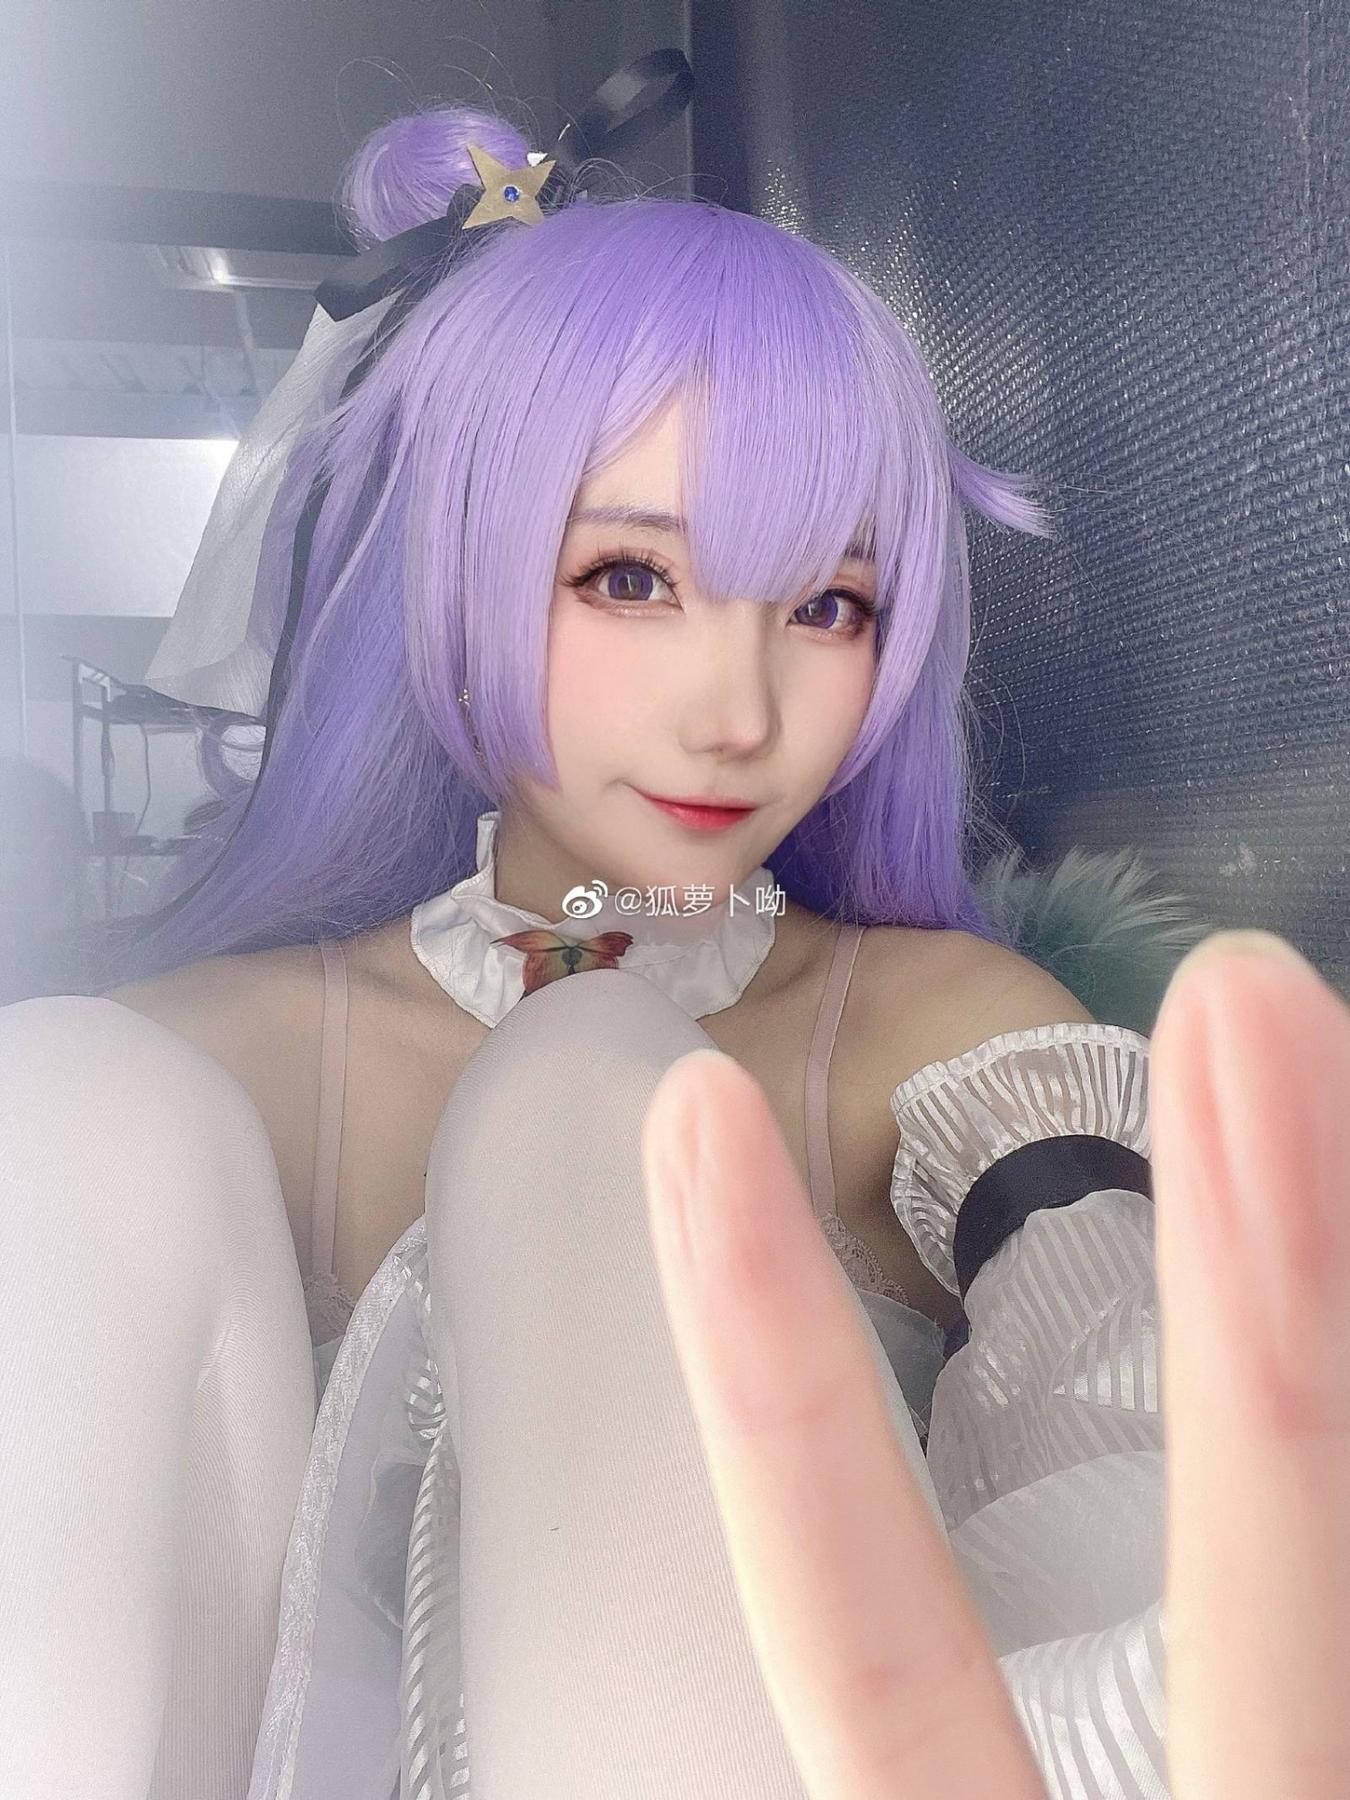 [COS]《碧蓝航线》独角兽cosplay【CN:狐萝卜哟】 (8P) -周棋洛cosplay图片插图